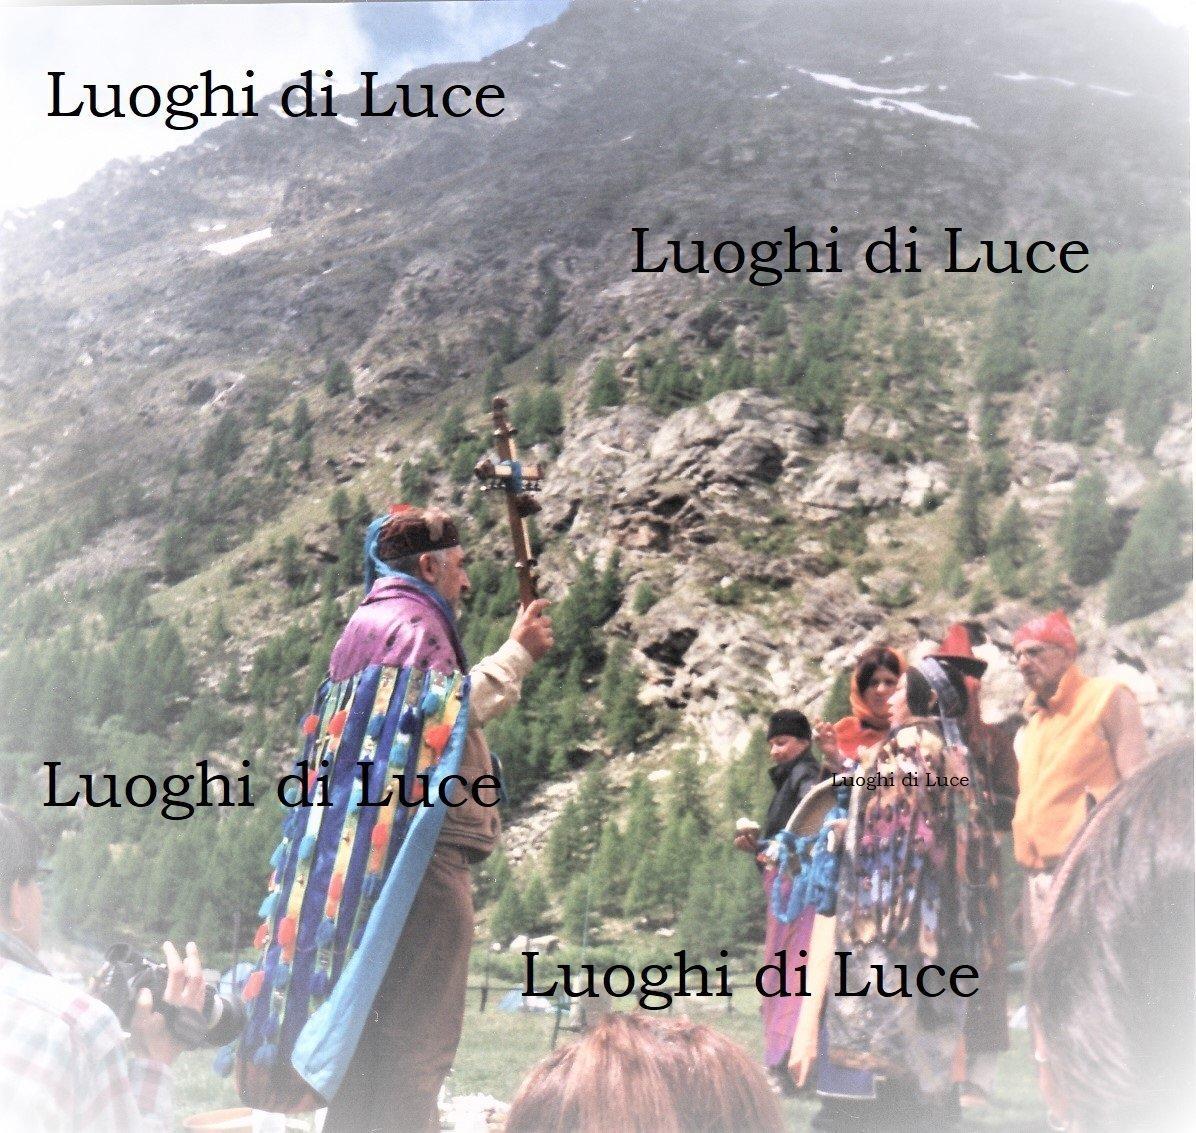 incontro e cerimonia sciamanica in Valle d'Aosta